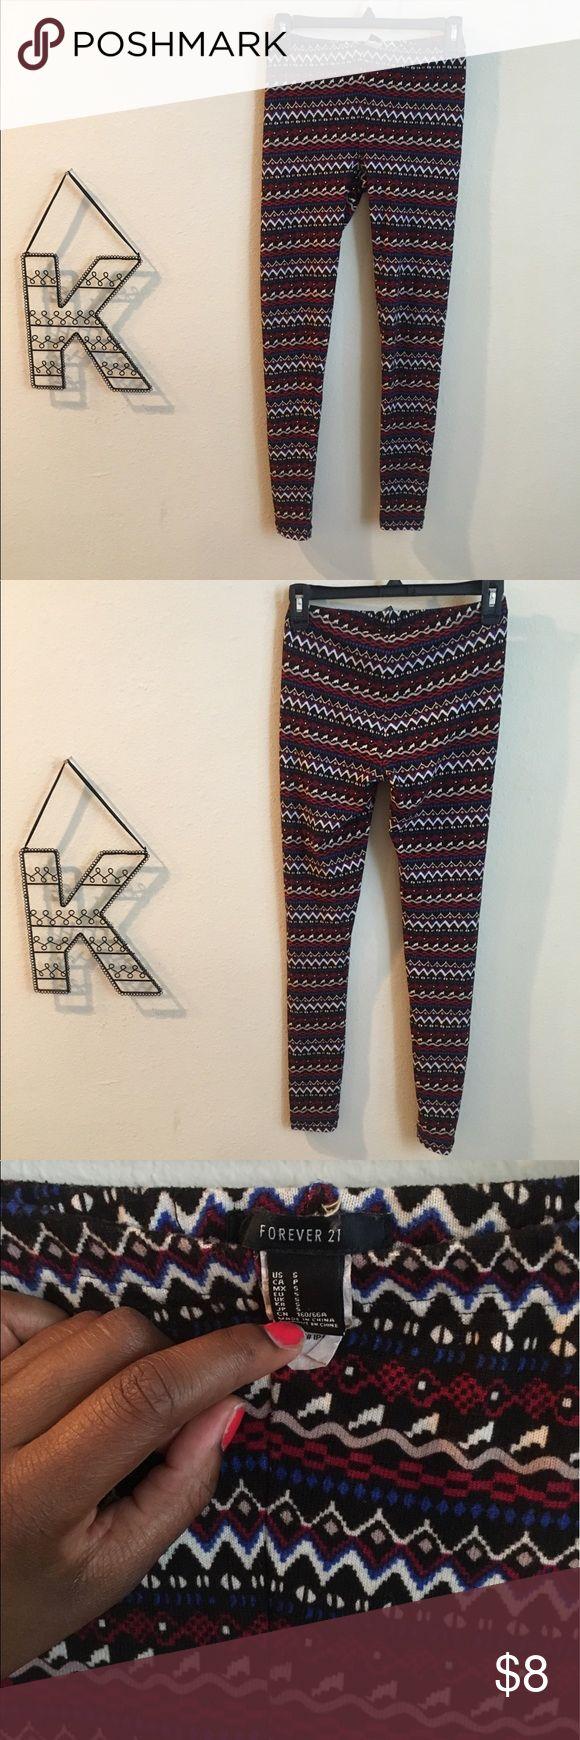 Forever 21 tribal print leggings Tribal print leggings, Forever 21, size small, multiple colors Forever 21 Pants Leggings